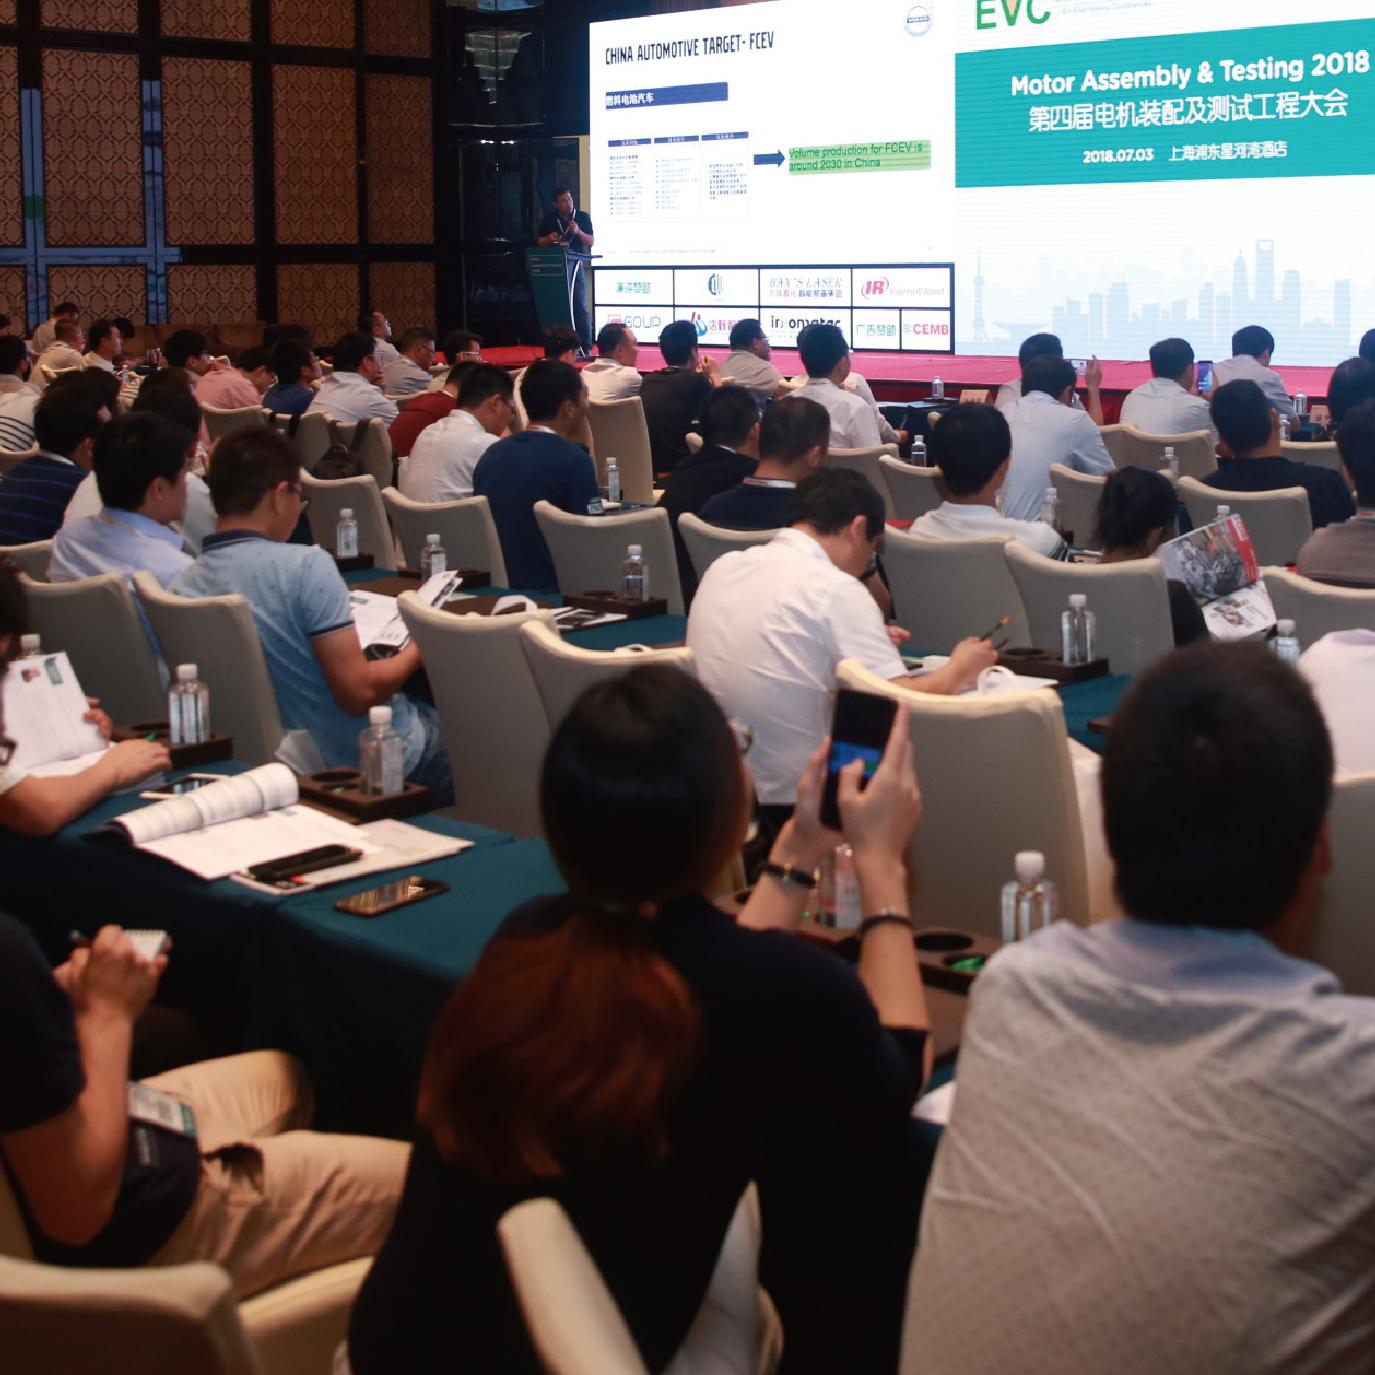 第五届电机装配及测试工程大会